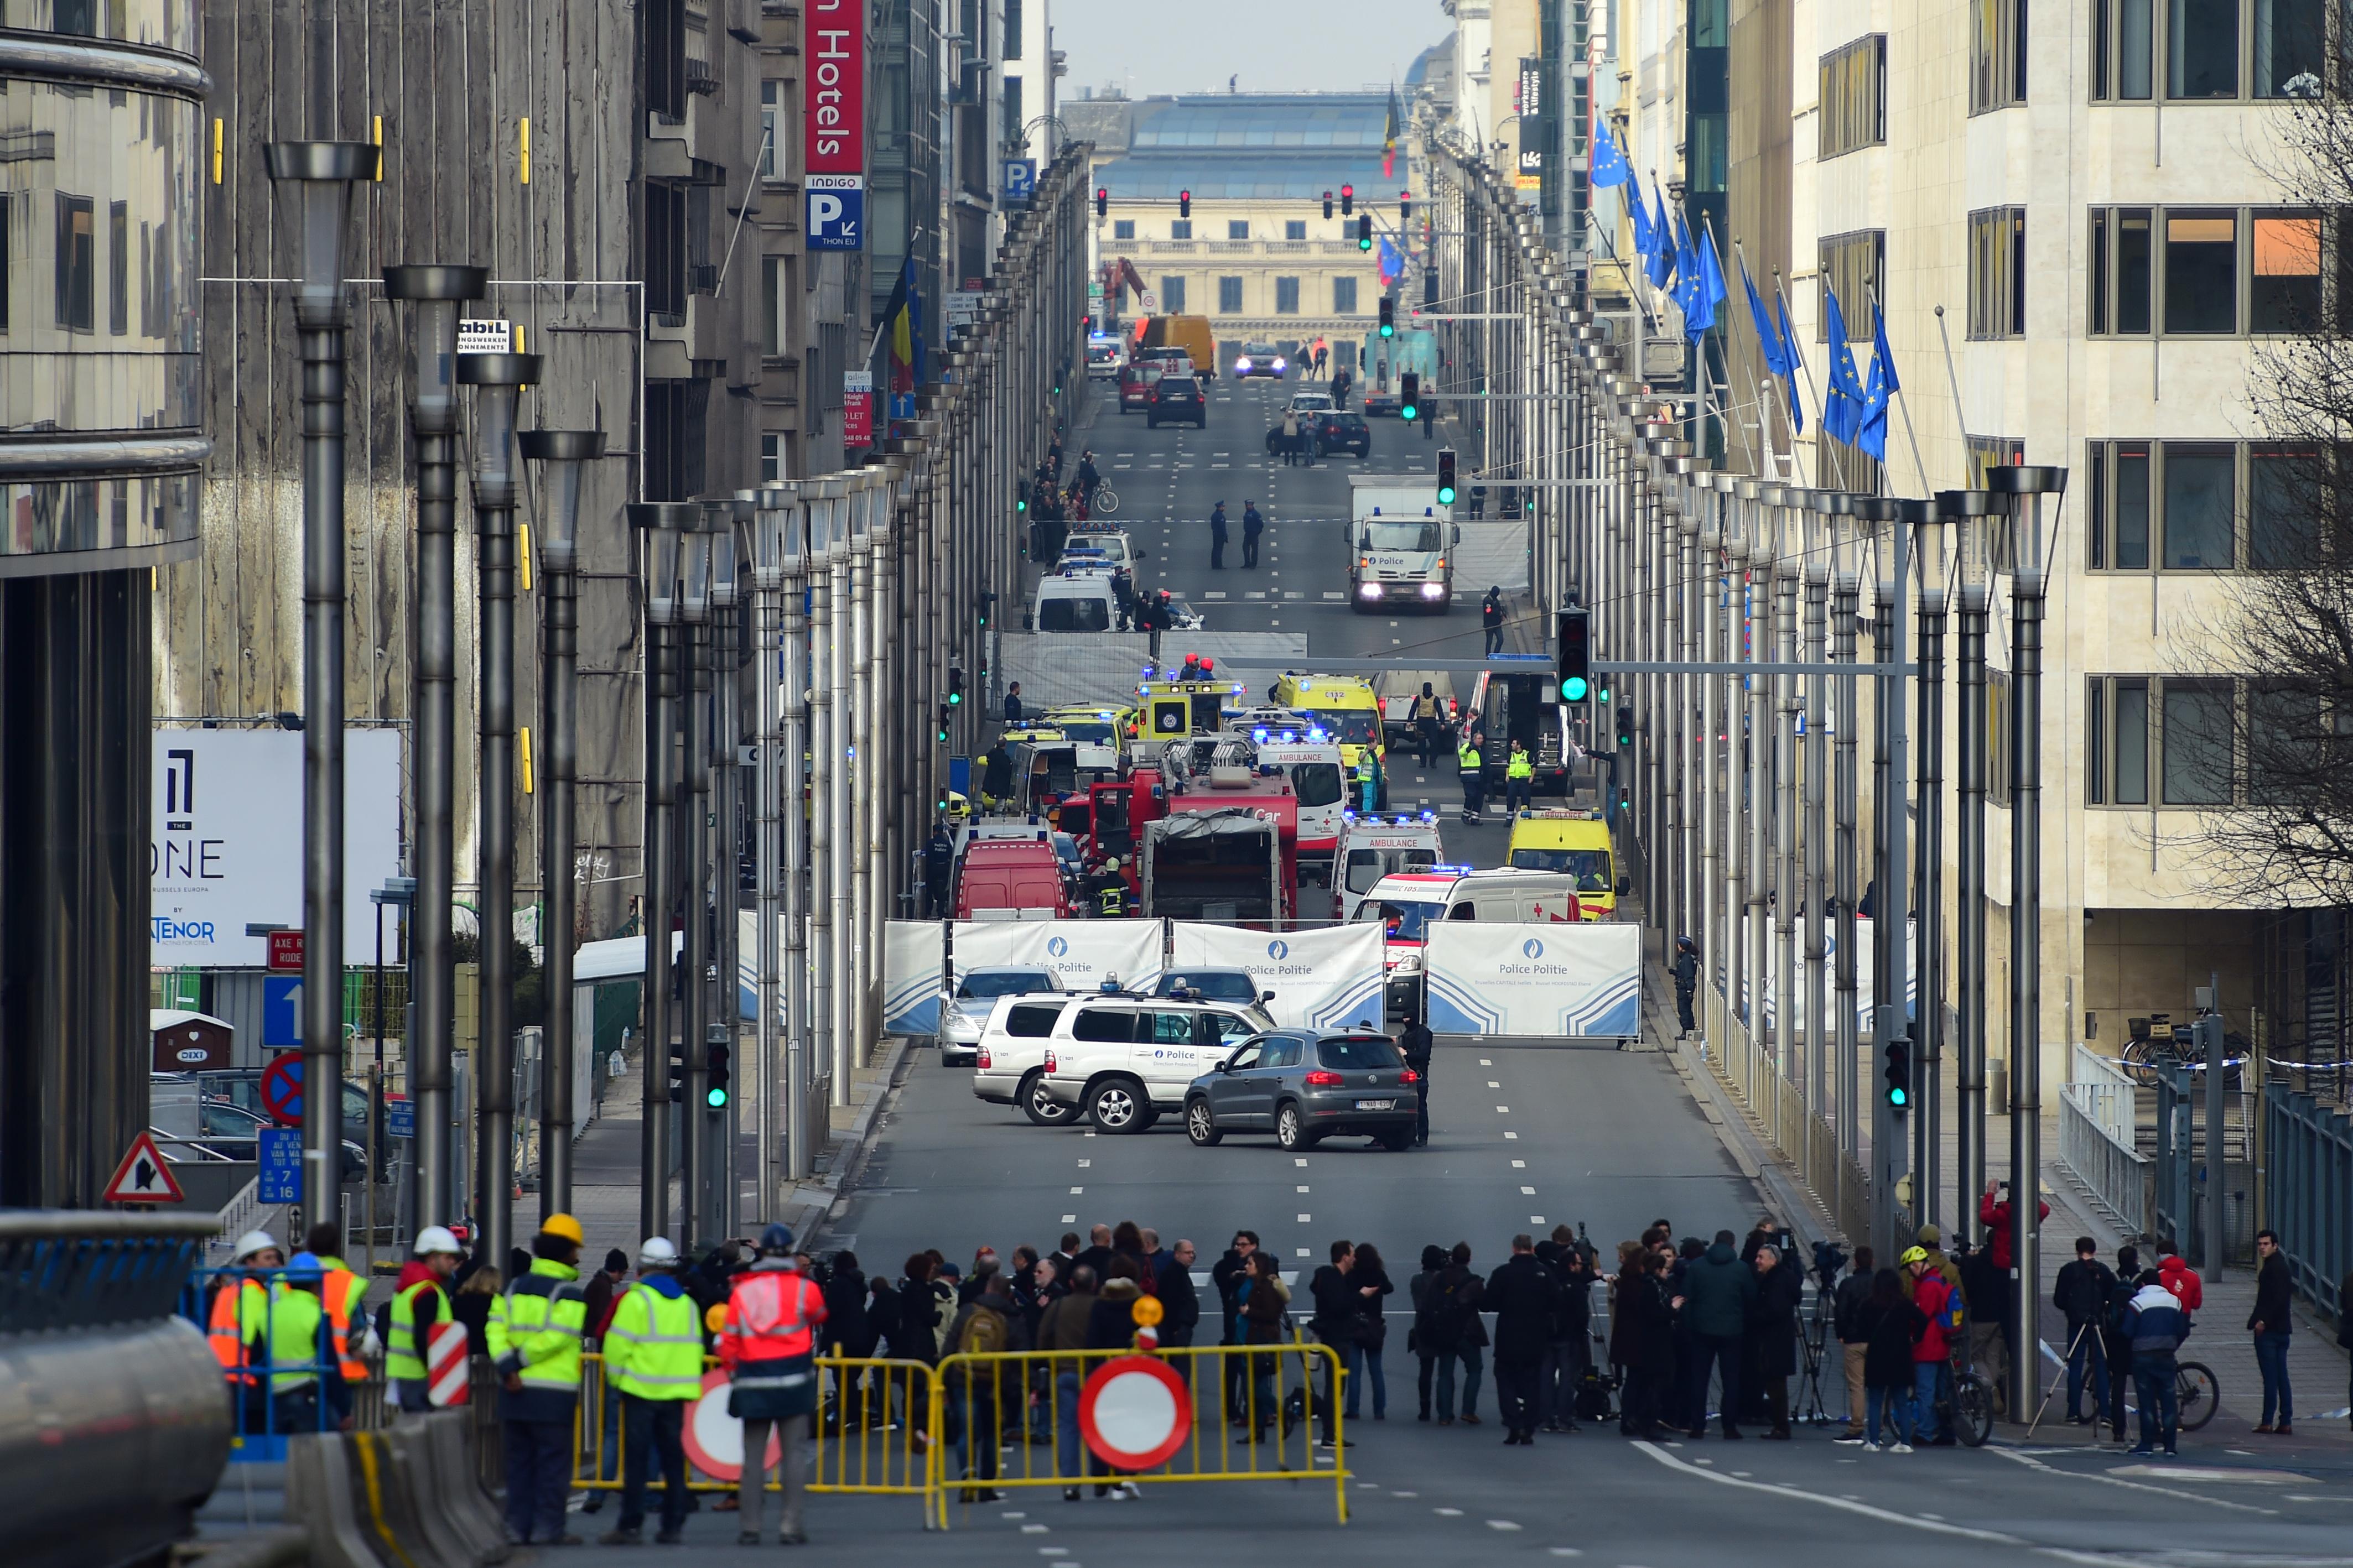 A hetvenes és a nyolcvanas években sokkal több európai halt meg terrortámadásokban, mint ma